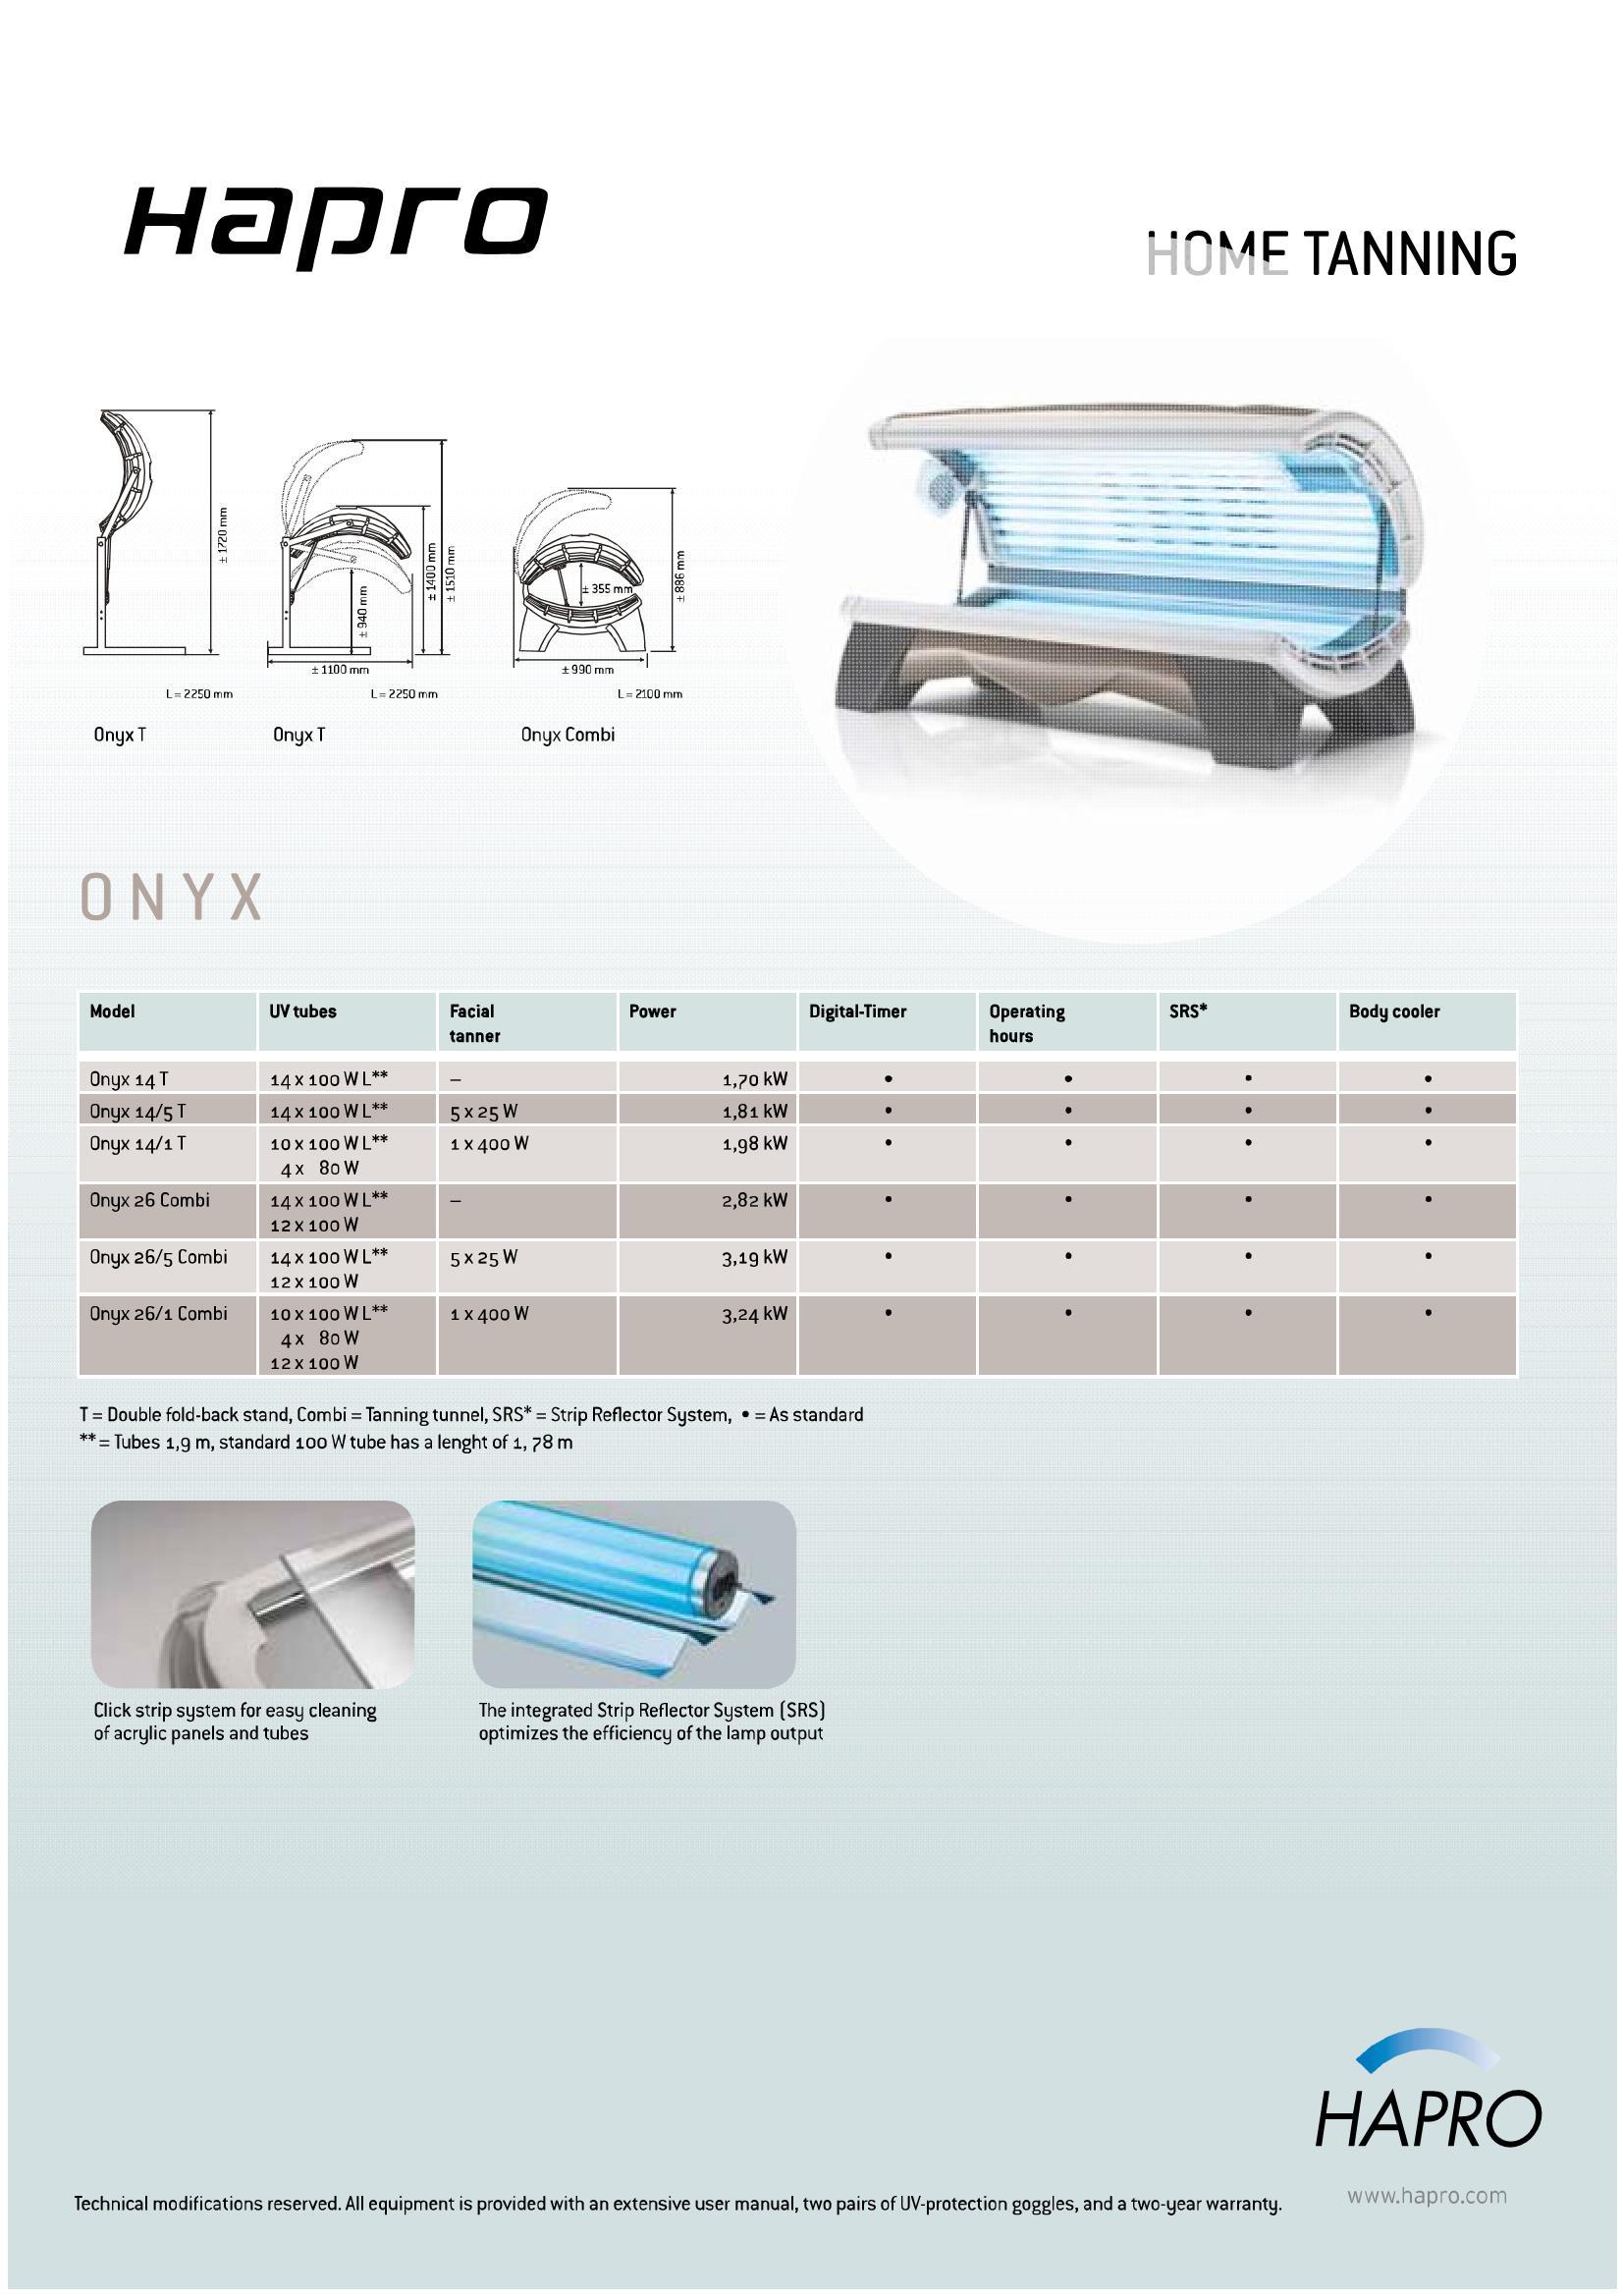 onyx-tech-page-1.jpeg